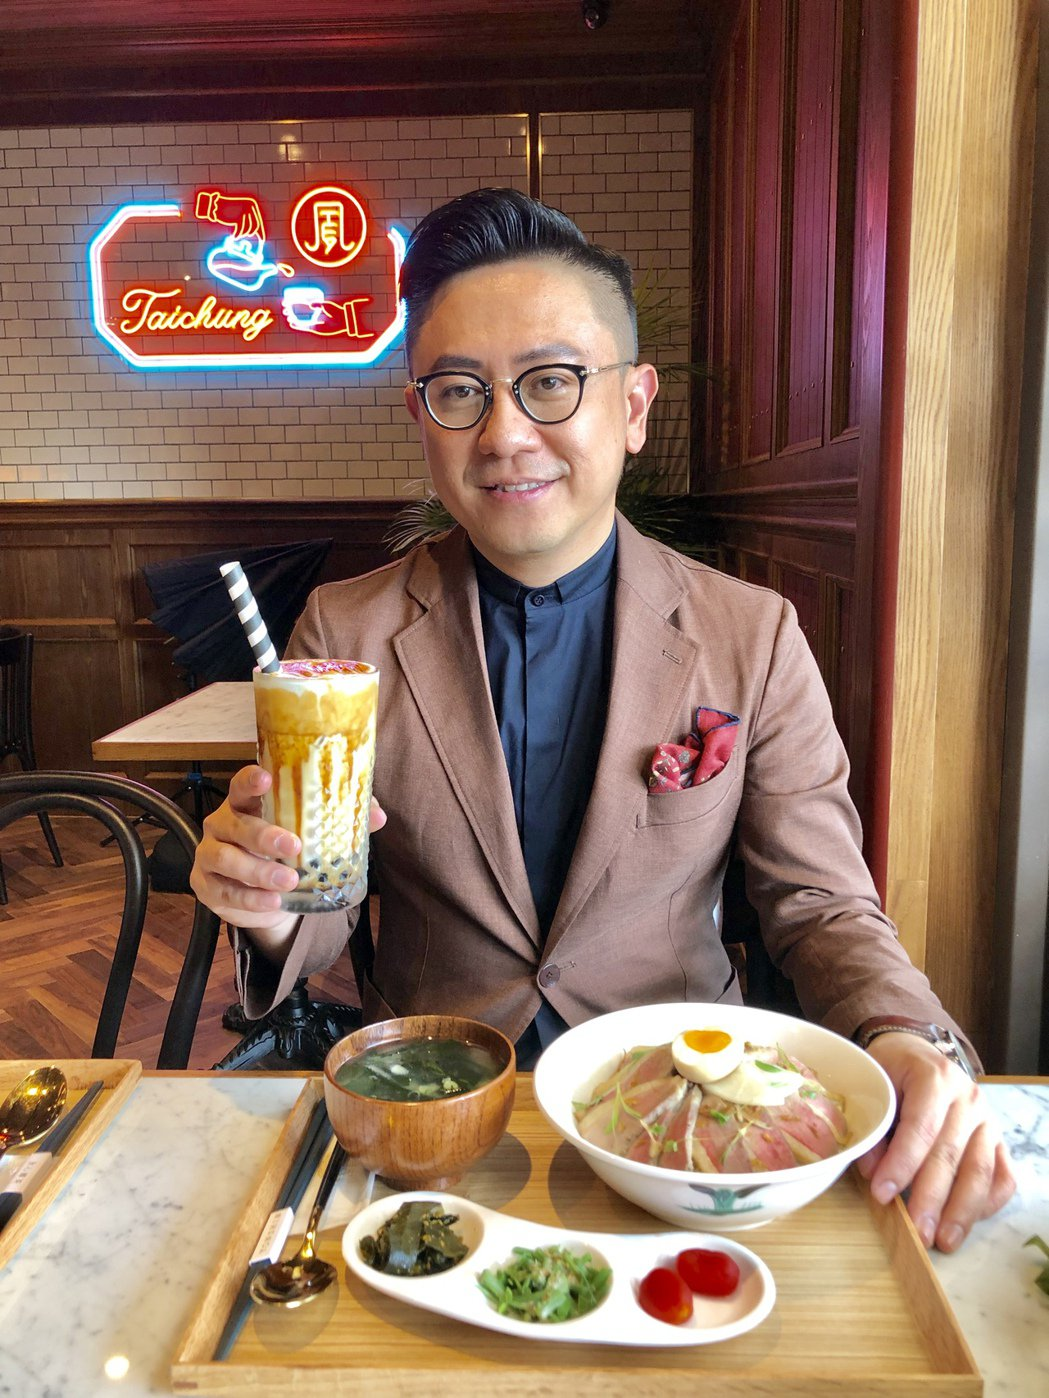 永心鳳茶執行長薛舜迪表示,取名永心鳳茶,就是表達「用心奉茶」的品牌精神,將永心鳳...